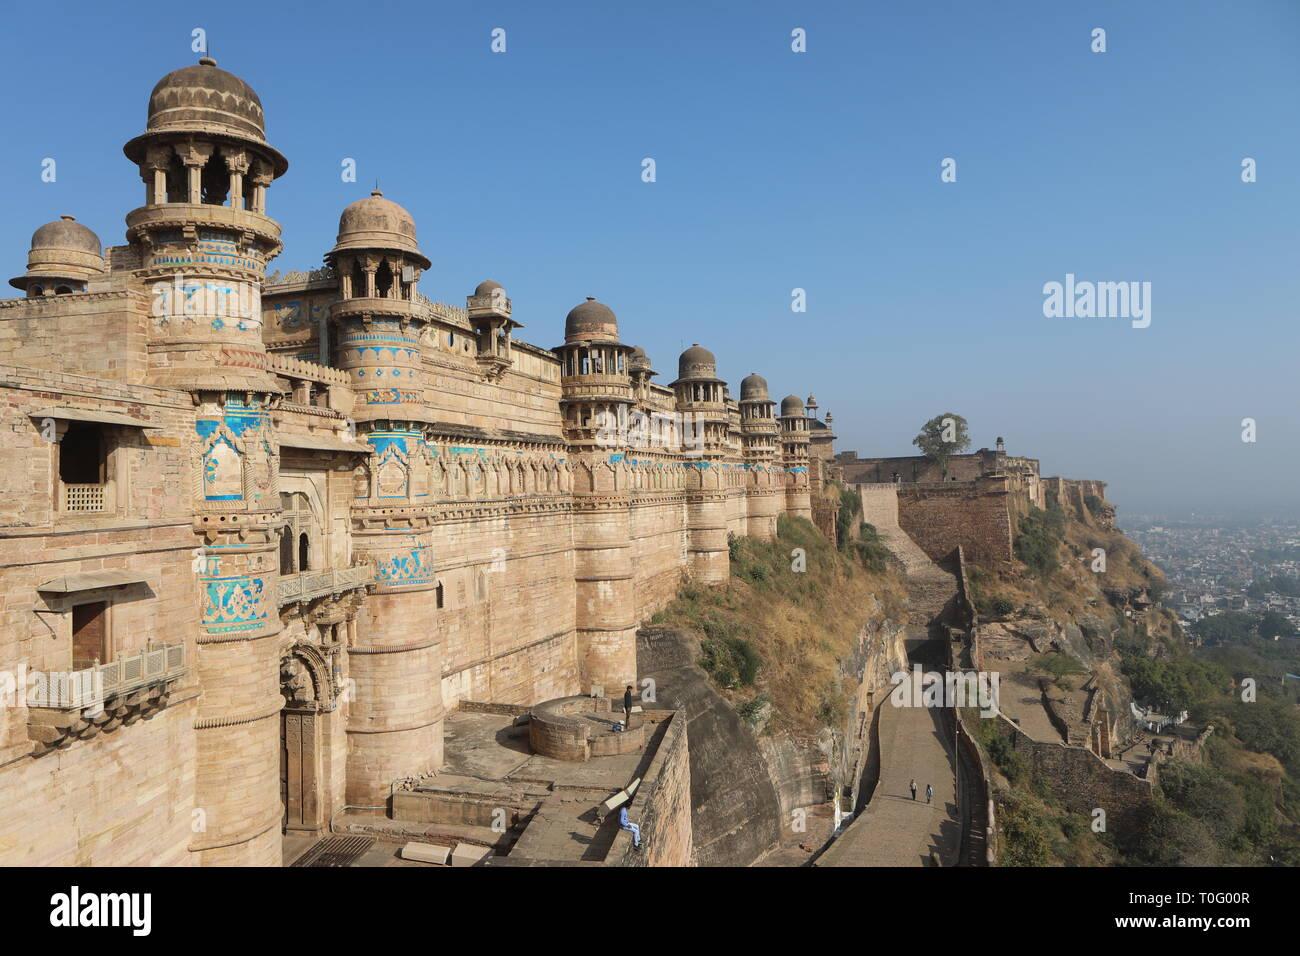 Man Singh Palace - Gwalior Fort - Gwalior, Madhya Pradesh, India del norte Foto de stock